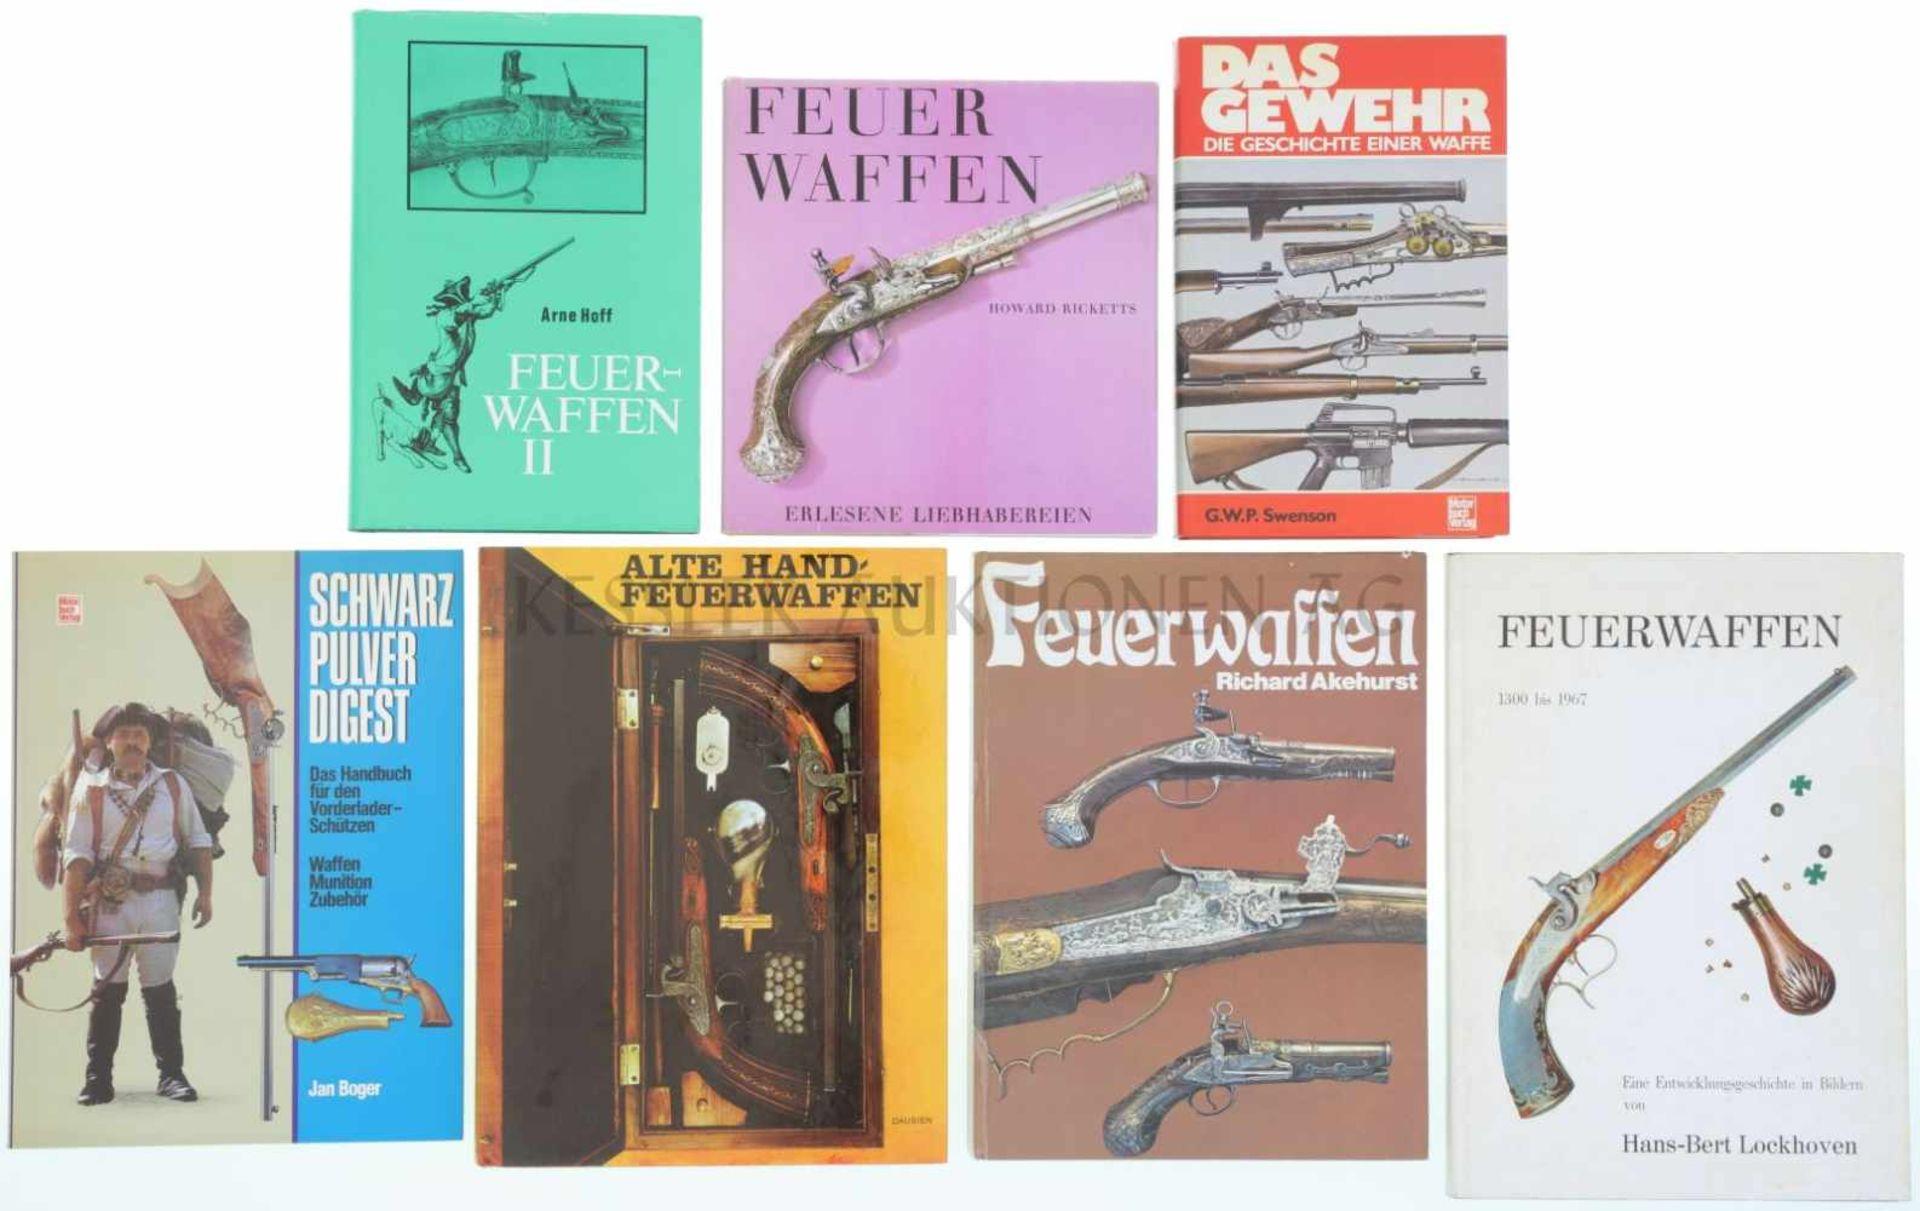 Konvolut von 7 Büchern 1. Das Gewehr, die Geschichte einer Waffe, von G.W.P. Swenson, 2. Feuerwaffen